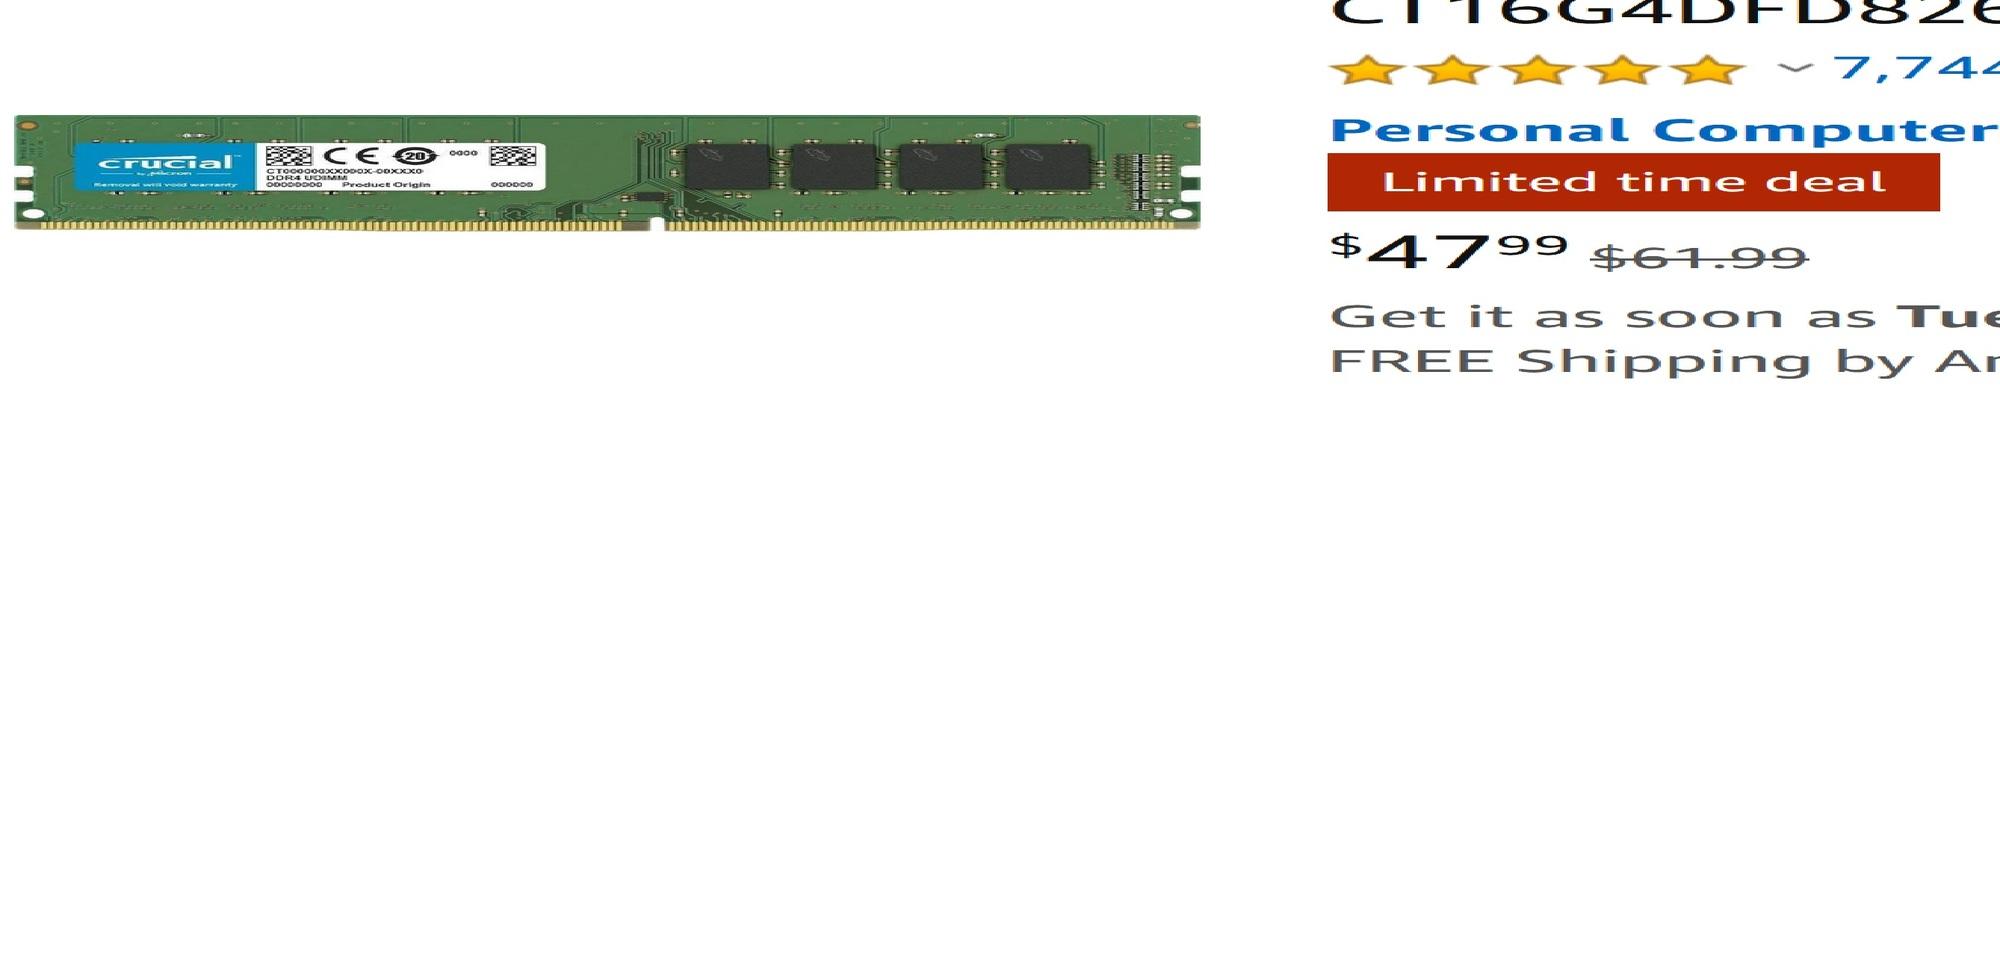 Memory Cards 3efff07d-0da2-4cee-a6f4-d2624439e12e?upload=true.jpg